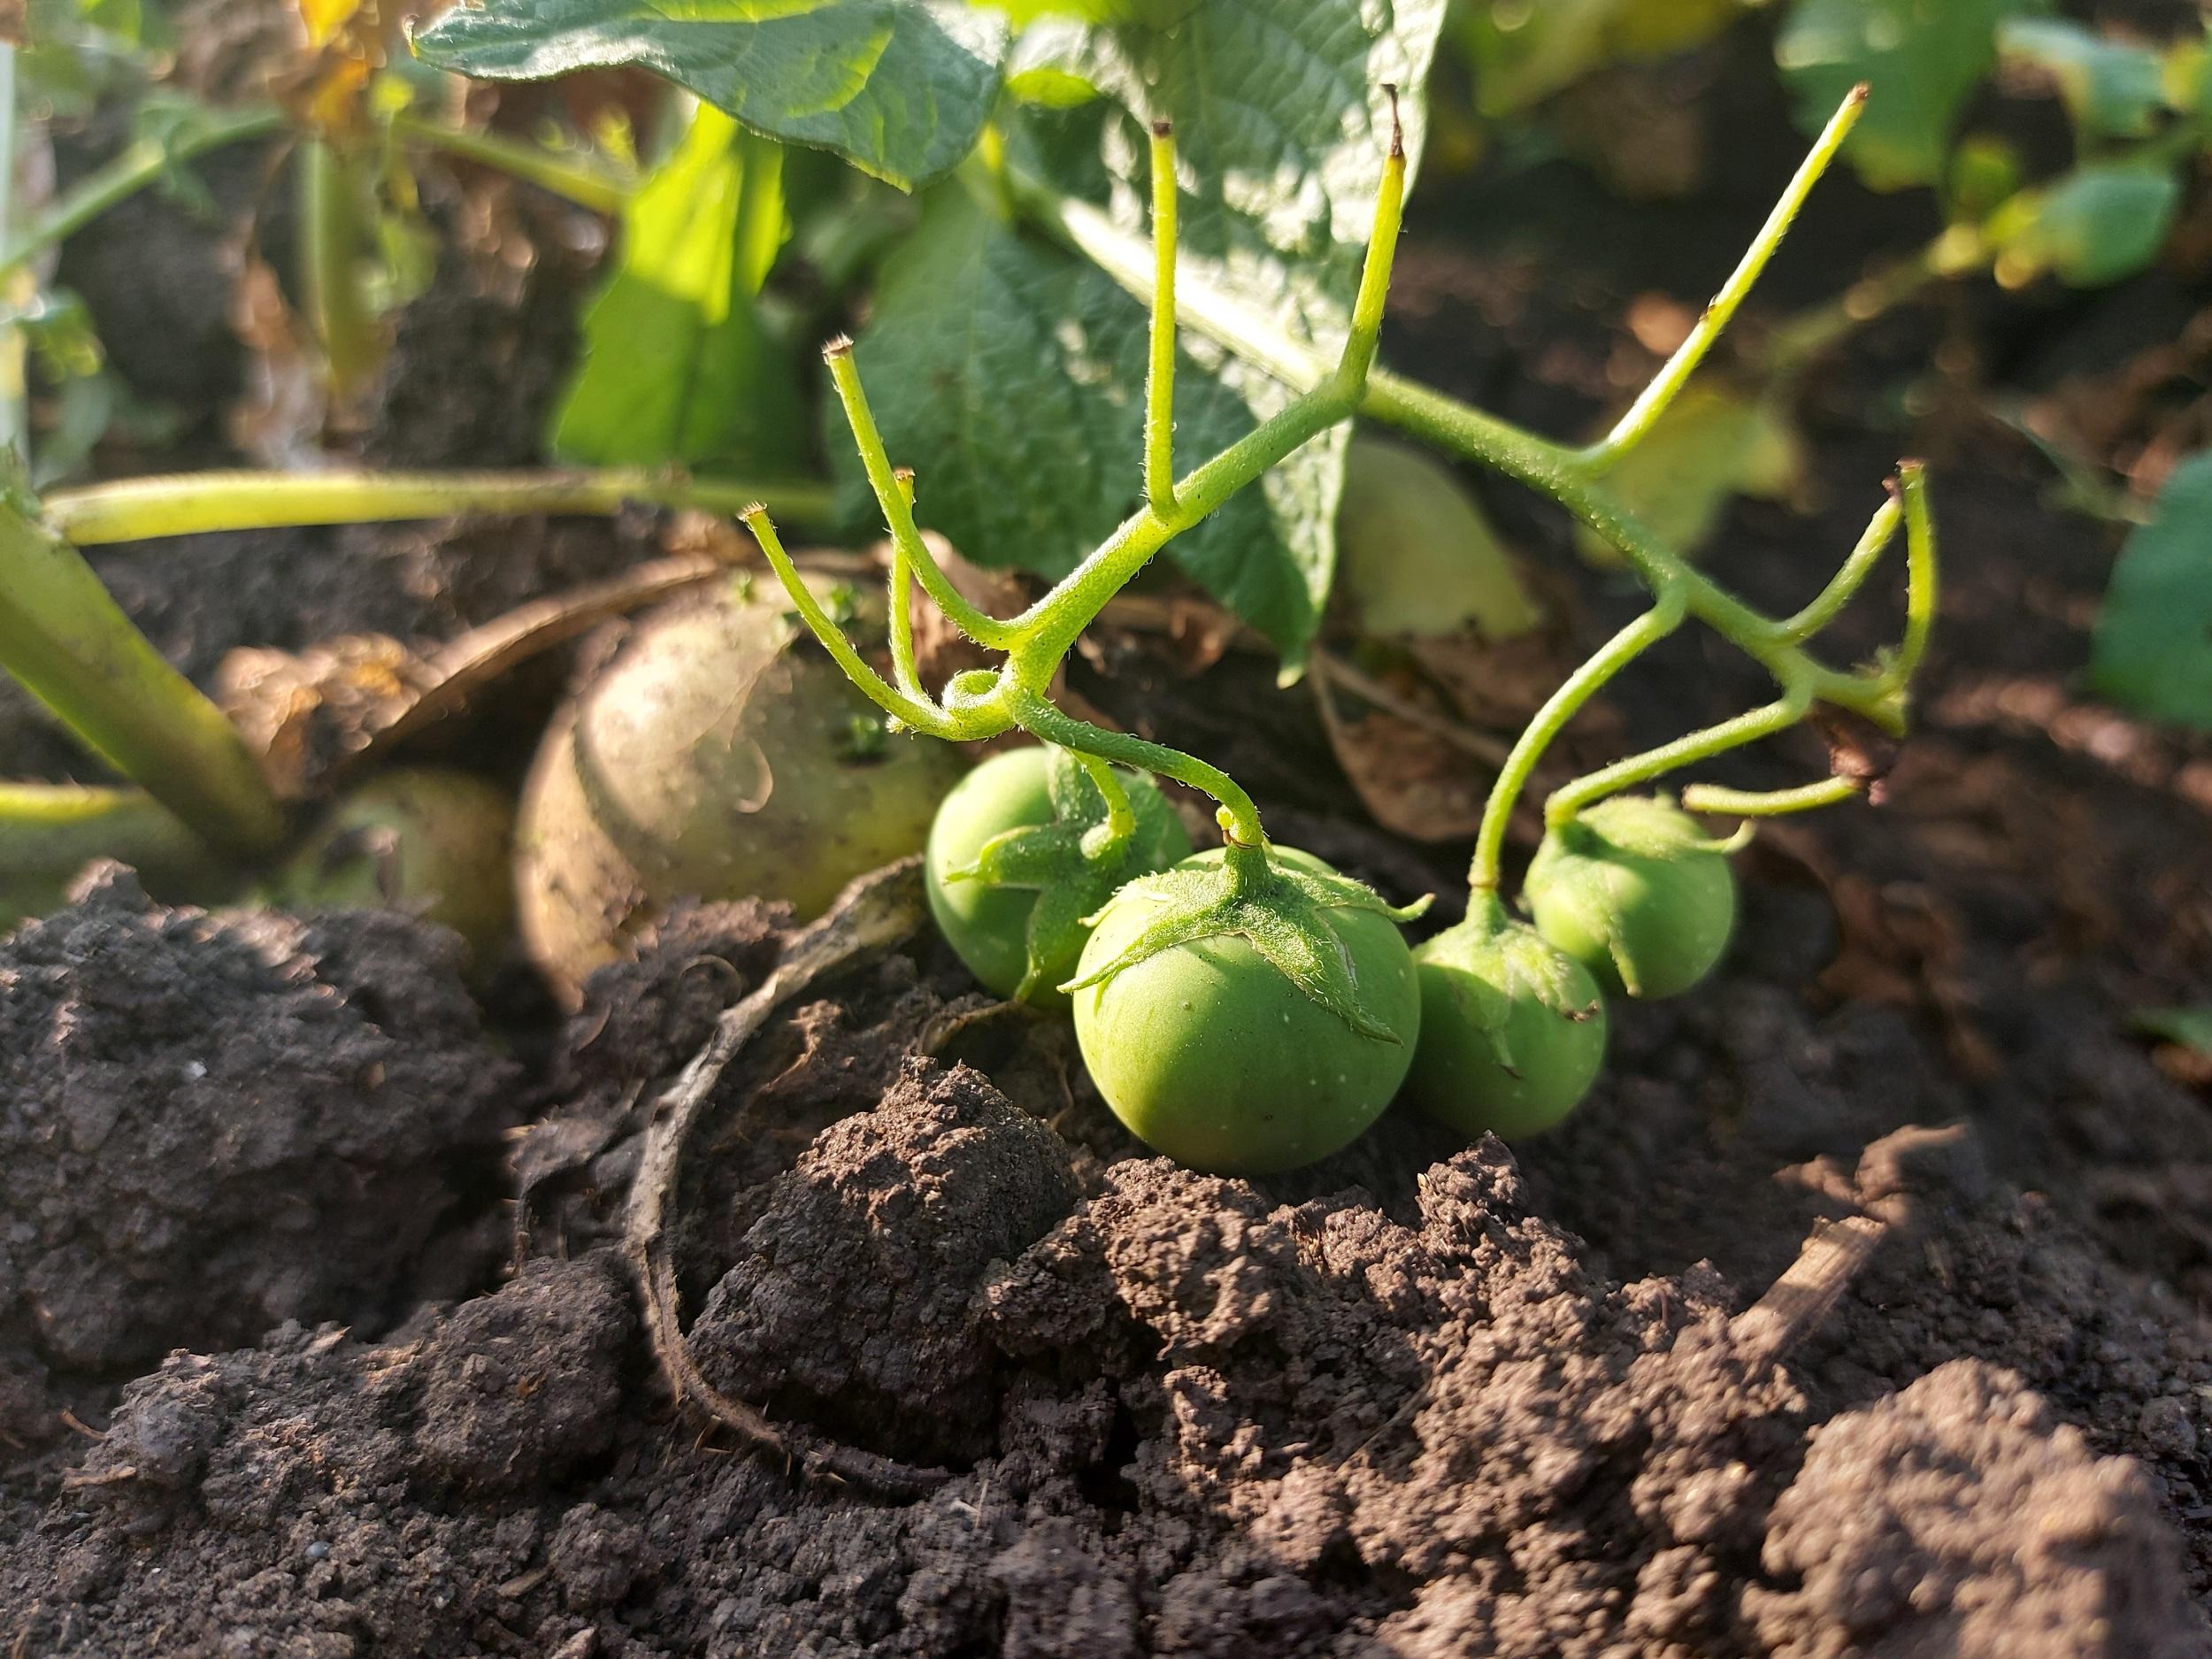 Почему на картофельных кустах вырастают ягоды, в каких целях можно их использовать?